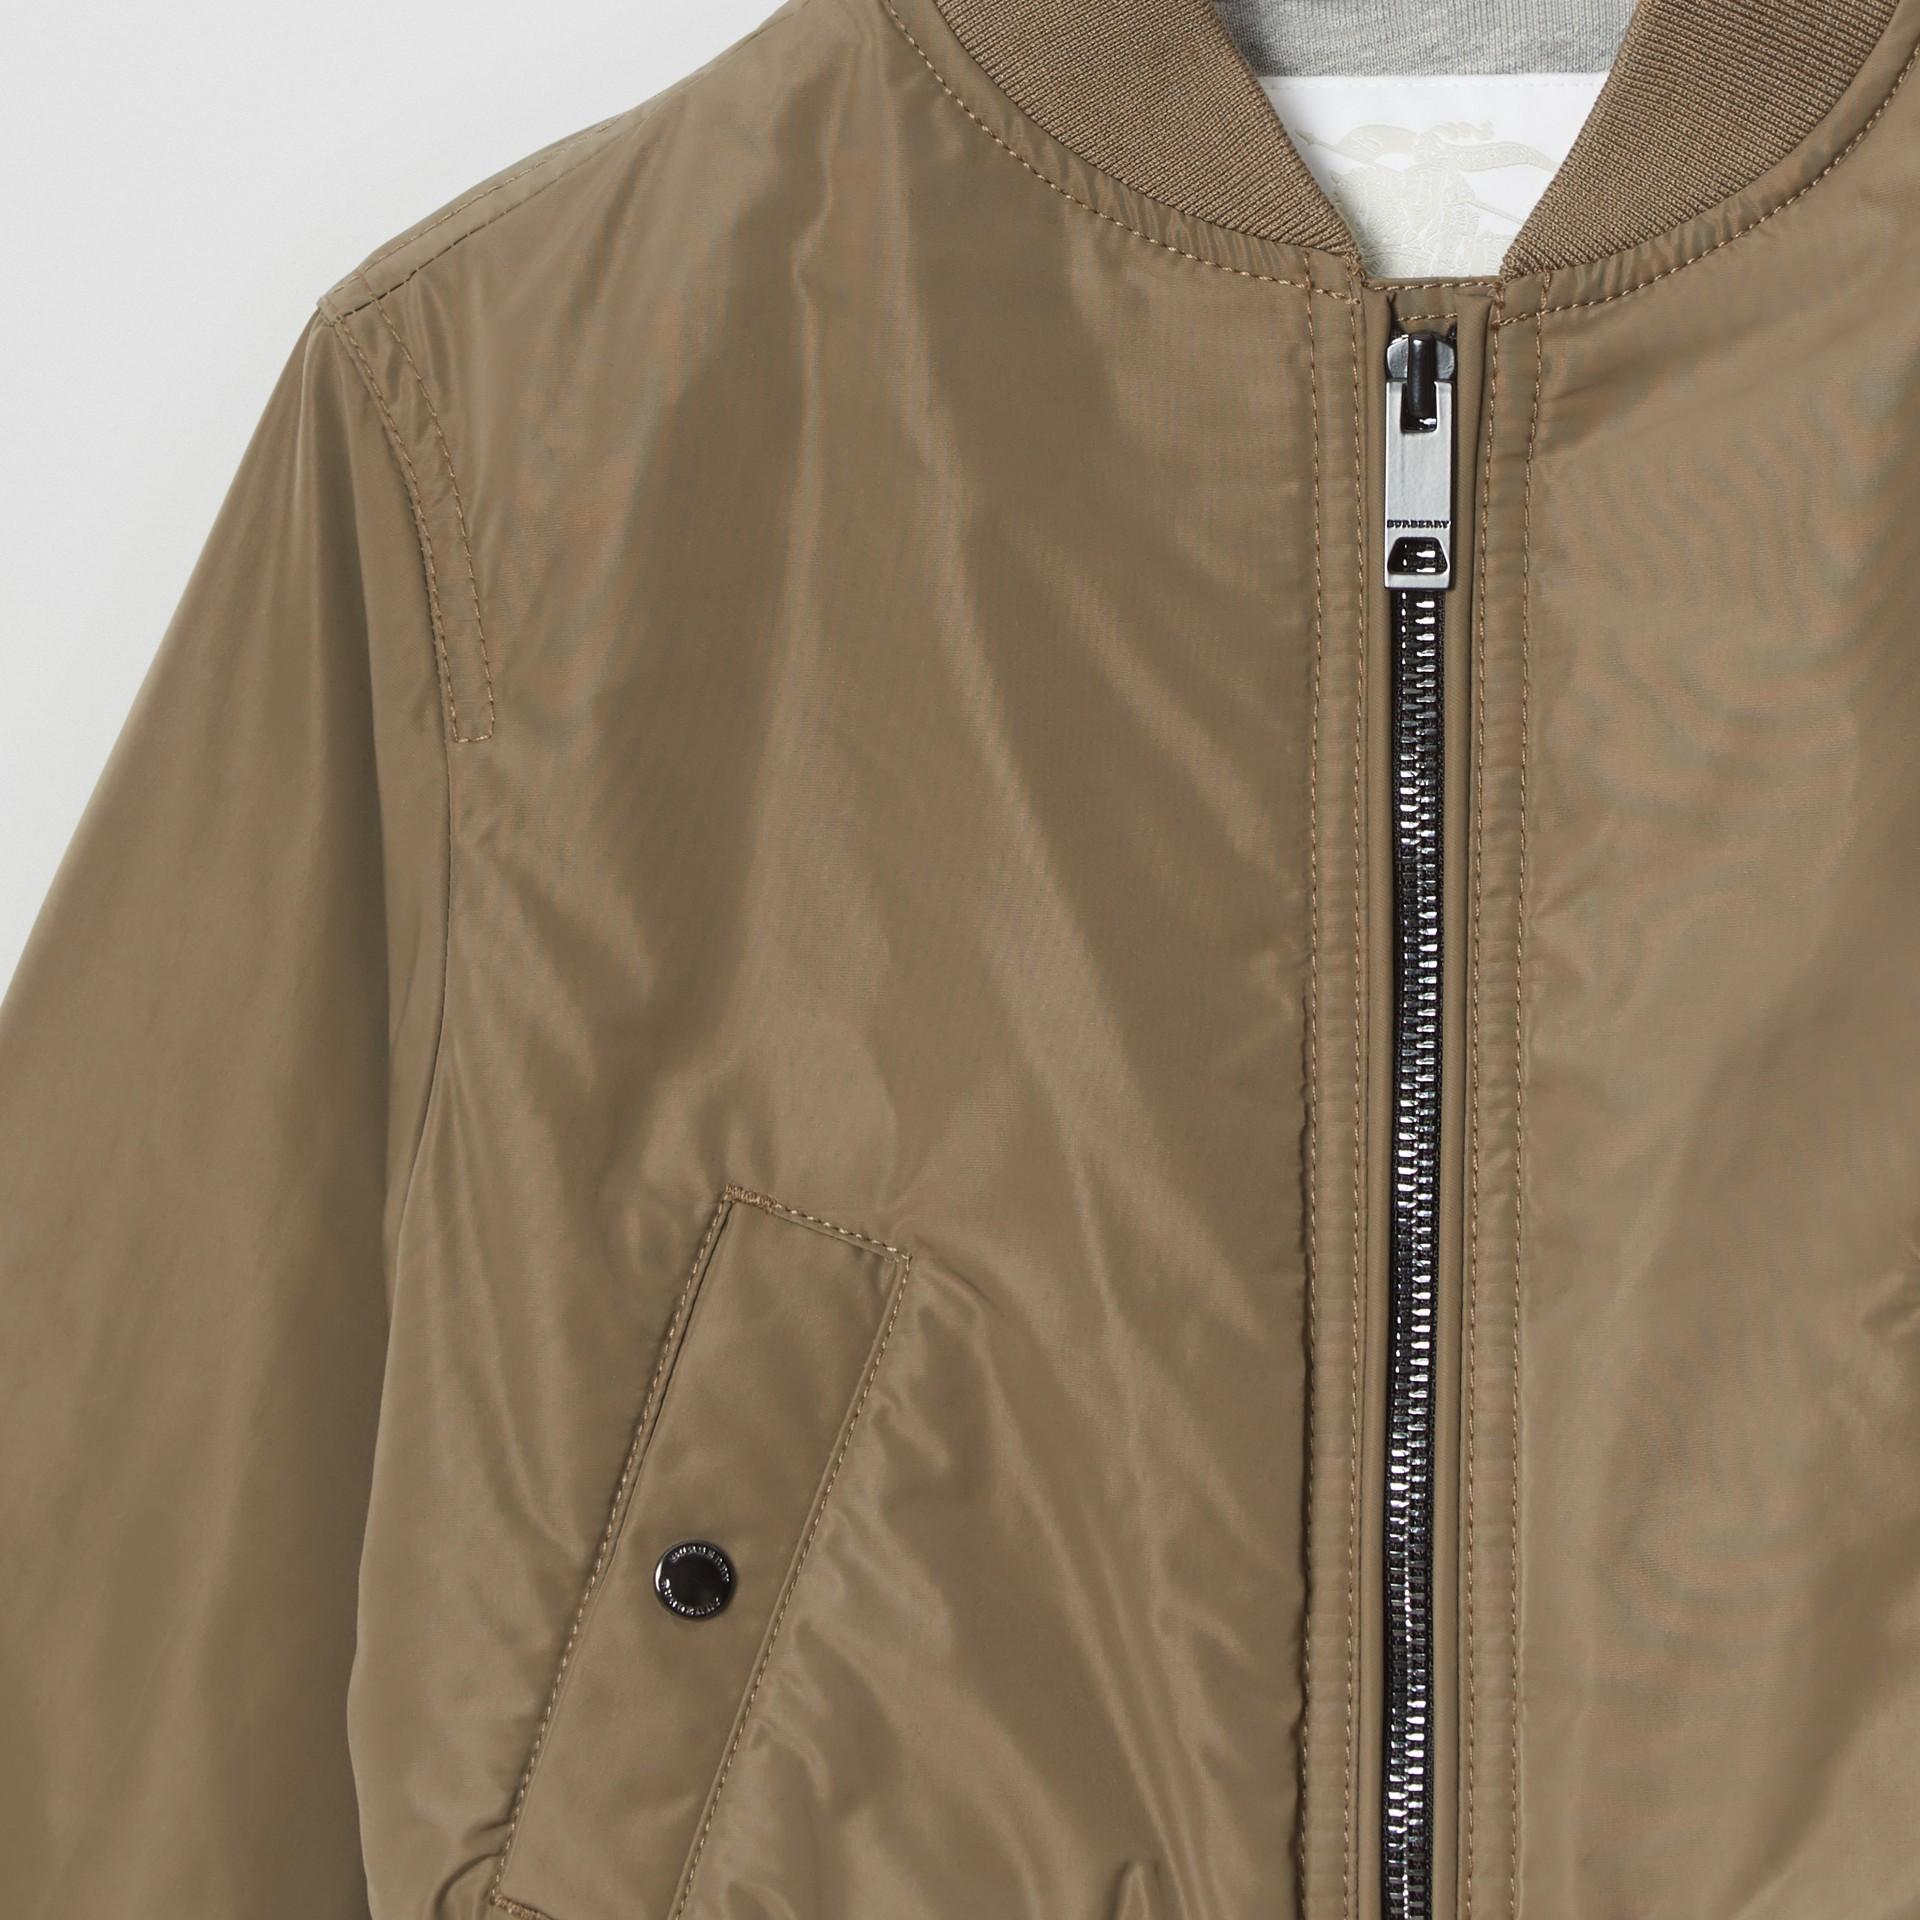 徽標印花形狀記憶塔夫塔綢飛行員外套 (卡其色) | Burberry - 圖庫照片 4